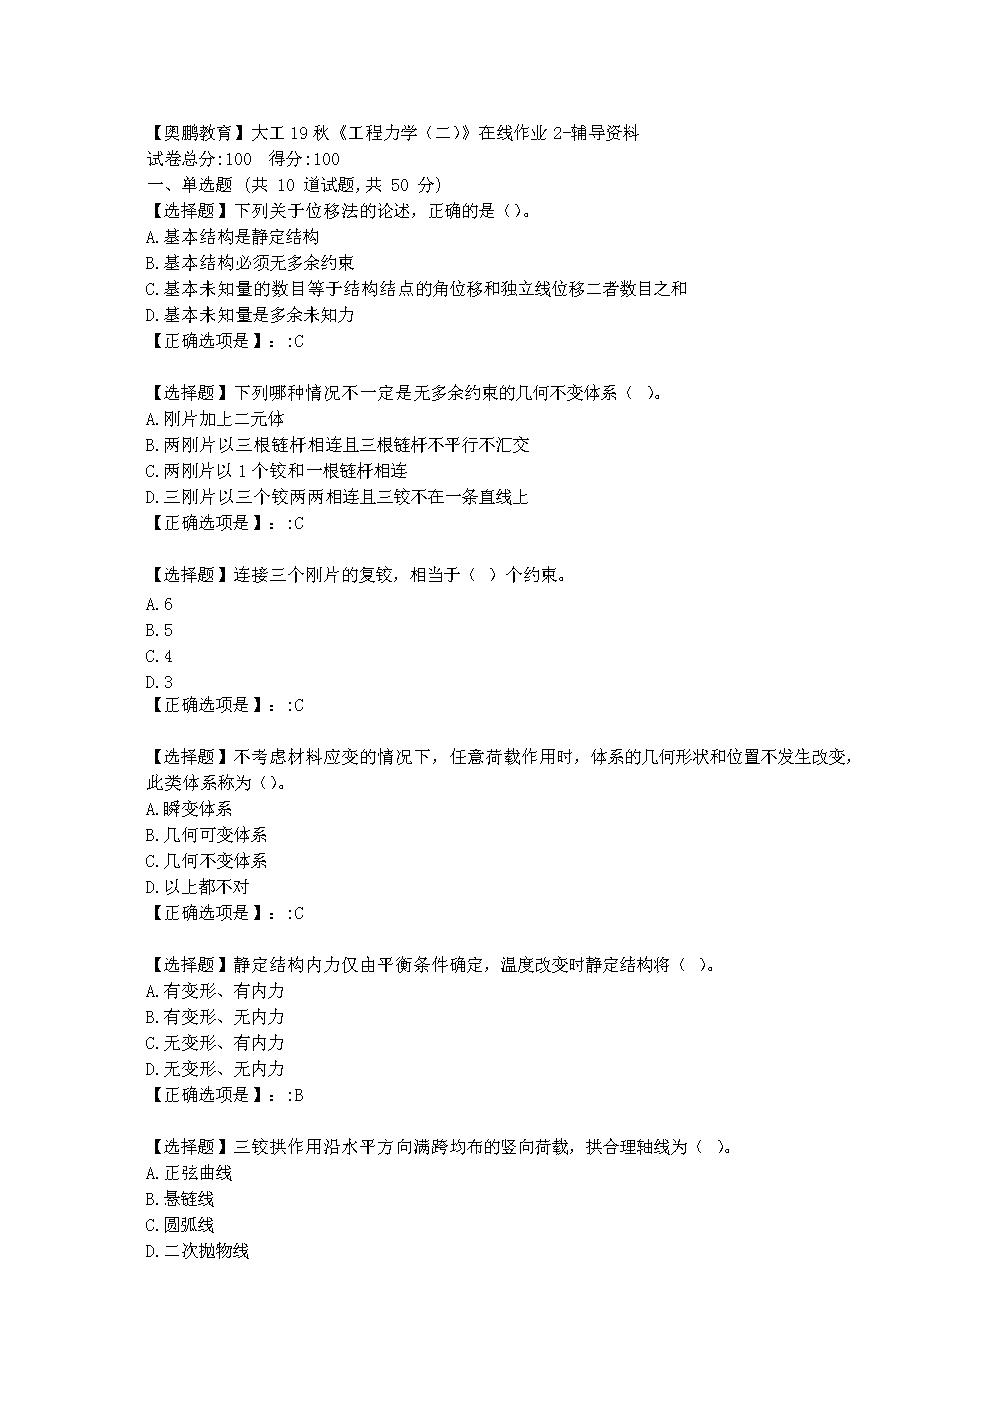 大连理工大学19秋《工程力学(二)》在线作业2学习资料.doc